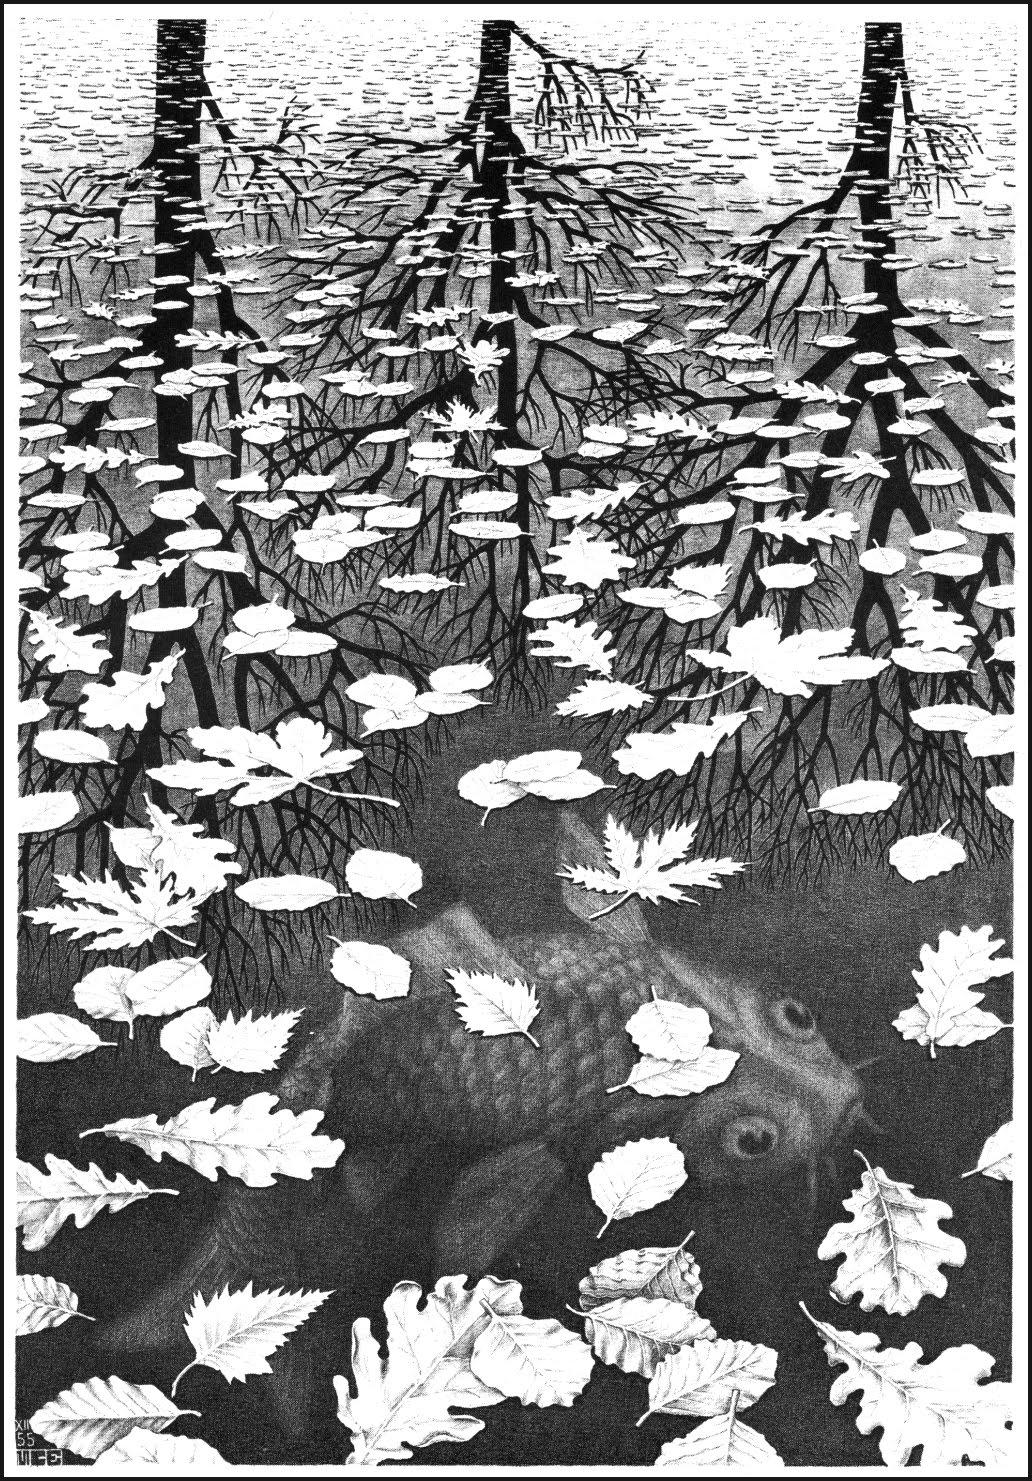 M c escher 1898 1972 null entropy for Escher metamorfosi